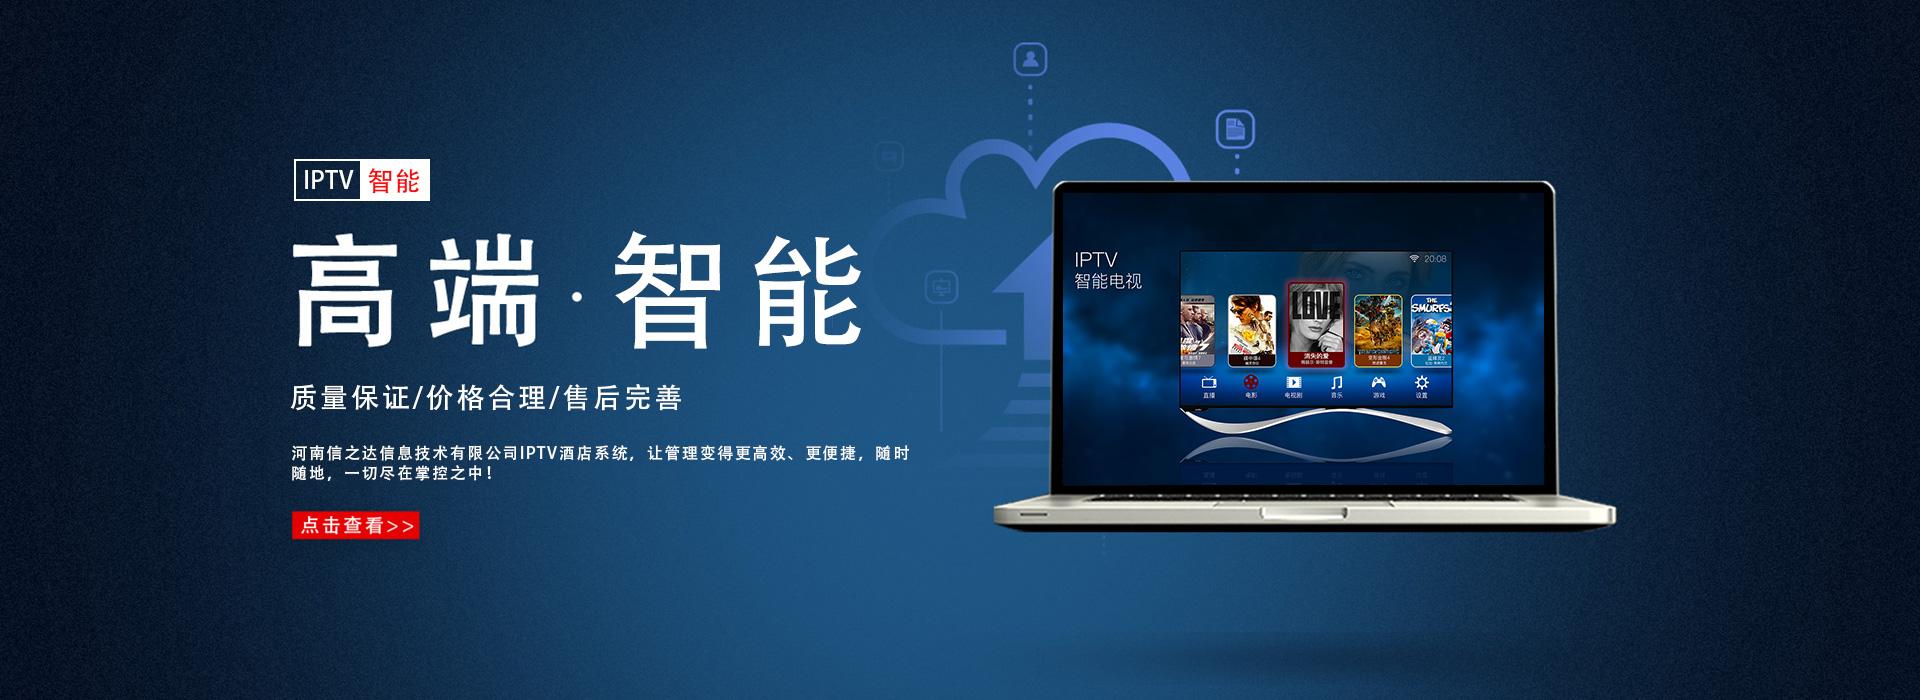 郑州IPTV系统